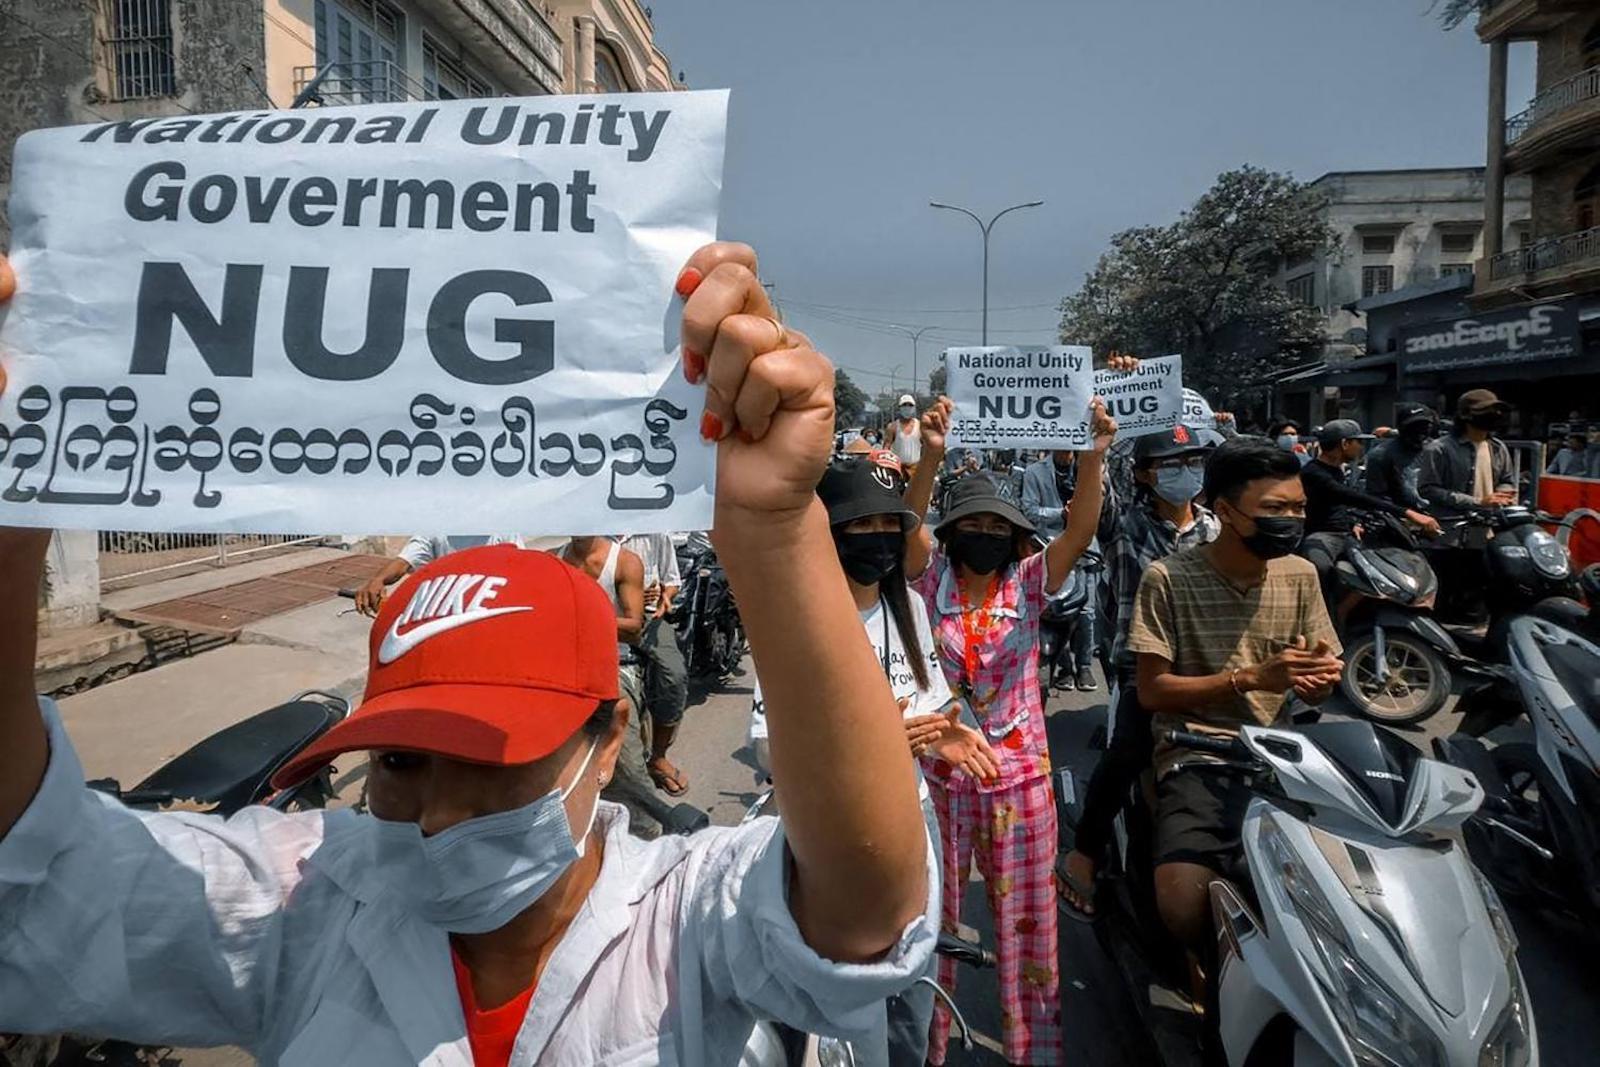 Des manifestants birmans contre le coup d'État militaire du 1er février brandissent des banderoles en soutien au gouvernement d'unité nationale (NUG). (Source : Menafn)